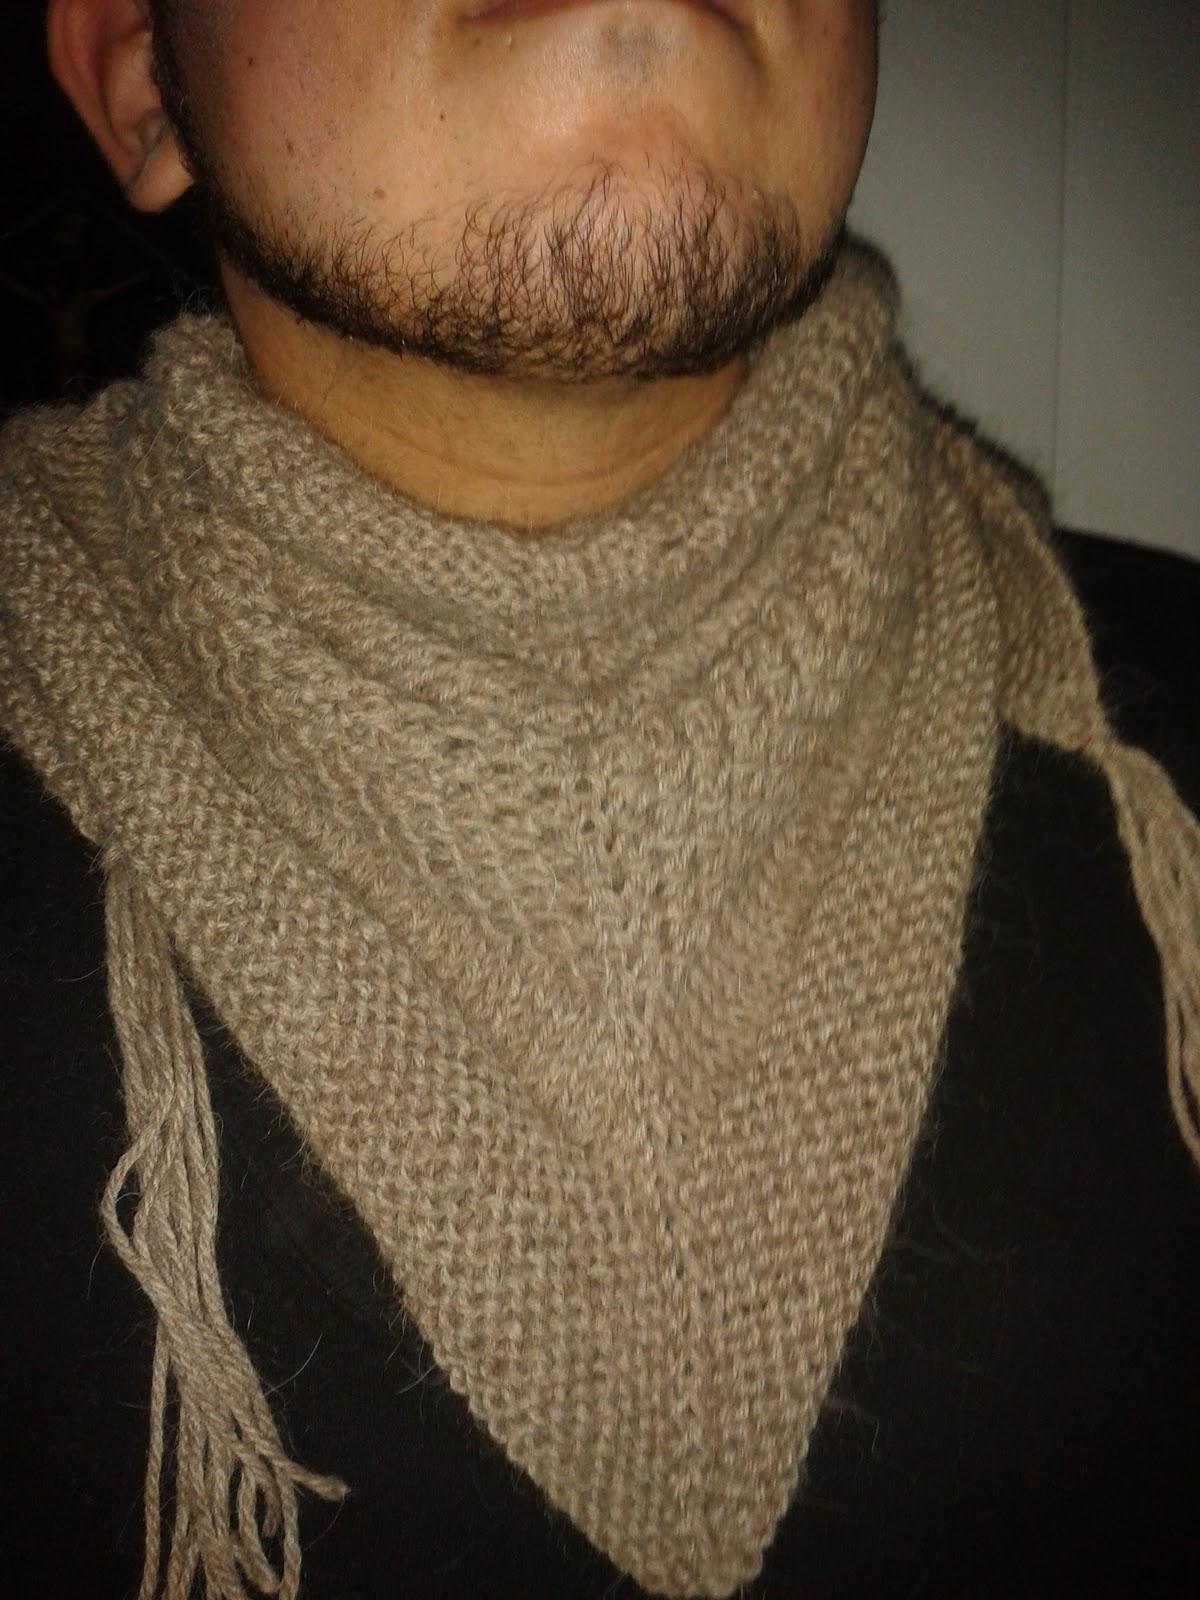 Ahora empezaré a hacer una bufanda reverisble con trenzas y un gorro que combine con mi textured porque aún tengo 2 madejas enteras del cusqueñita (en el